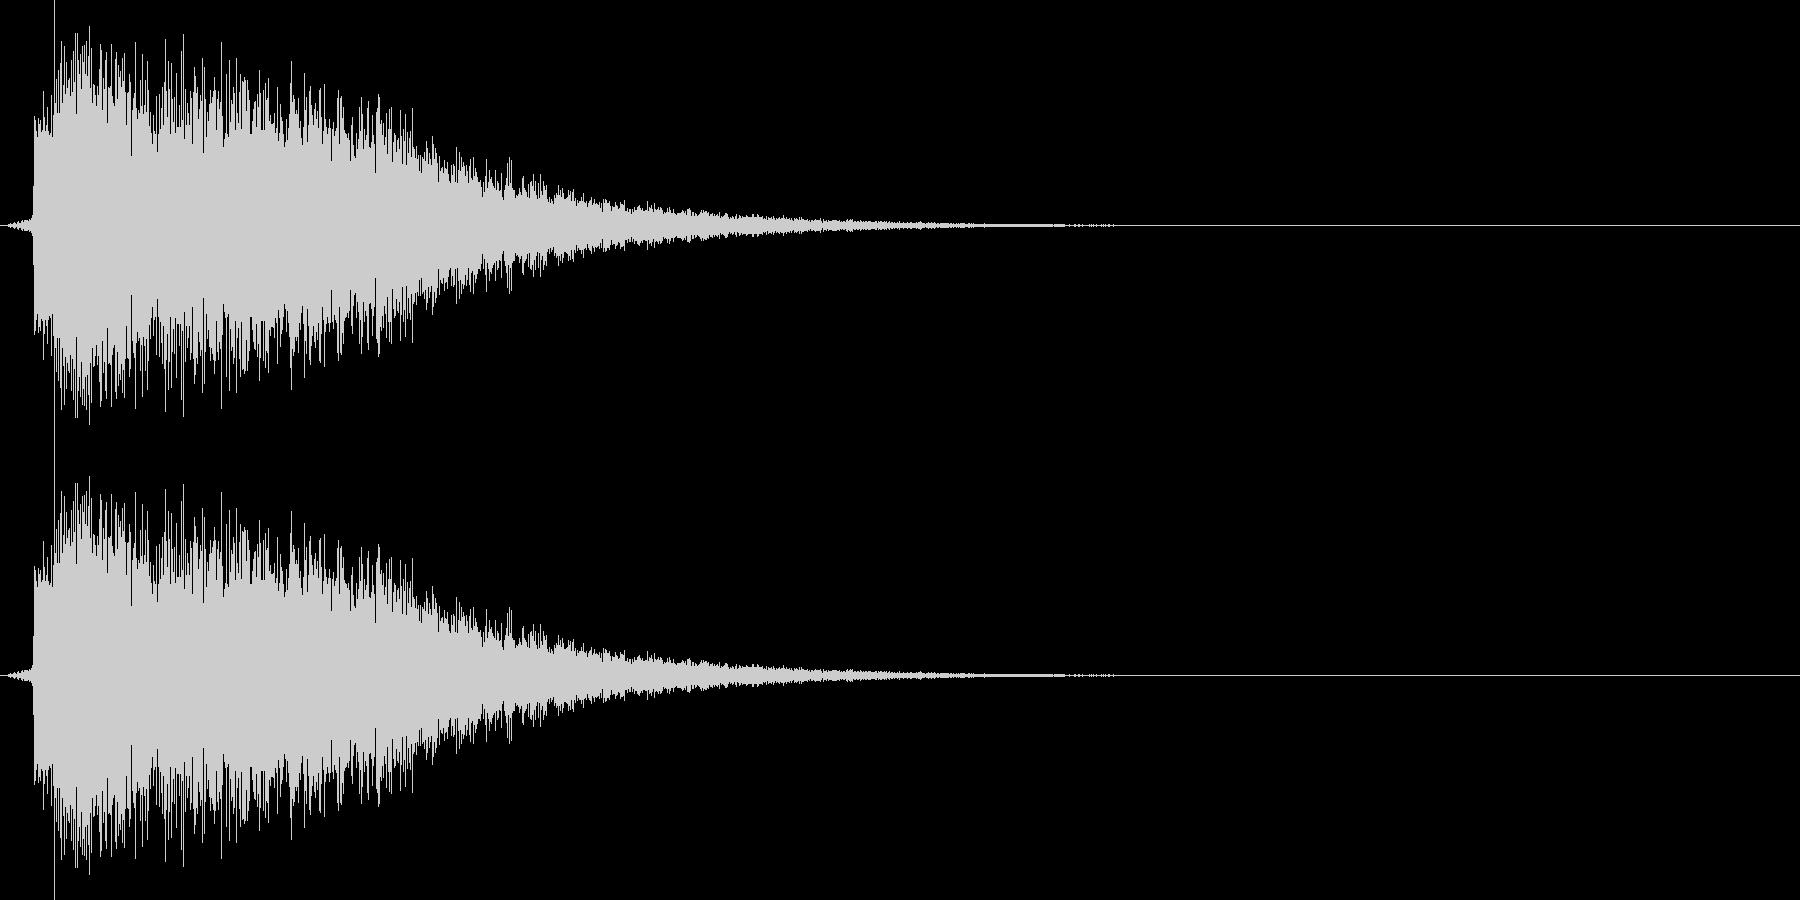 ビーン(ゲーム、決定、アプリ)の未再生の波形